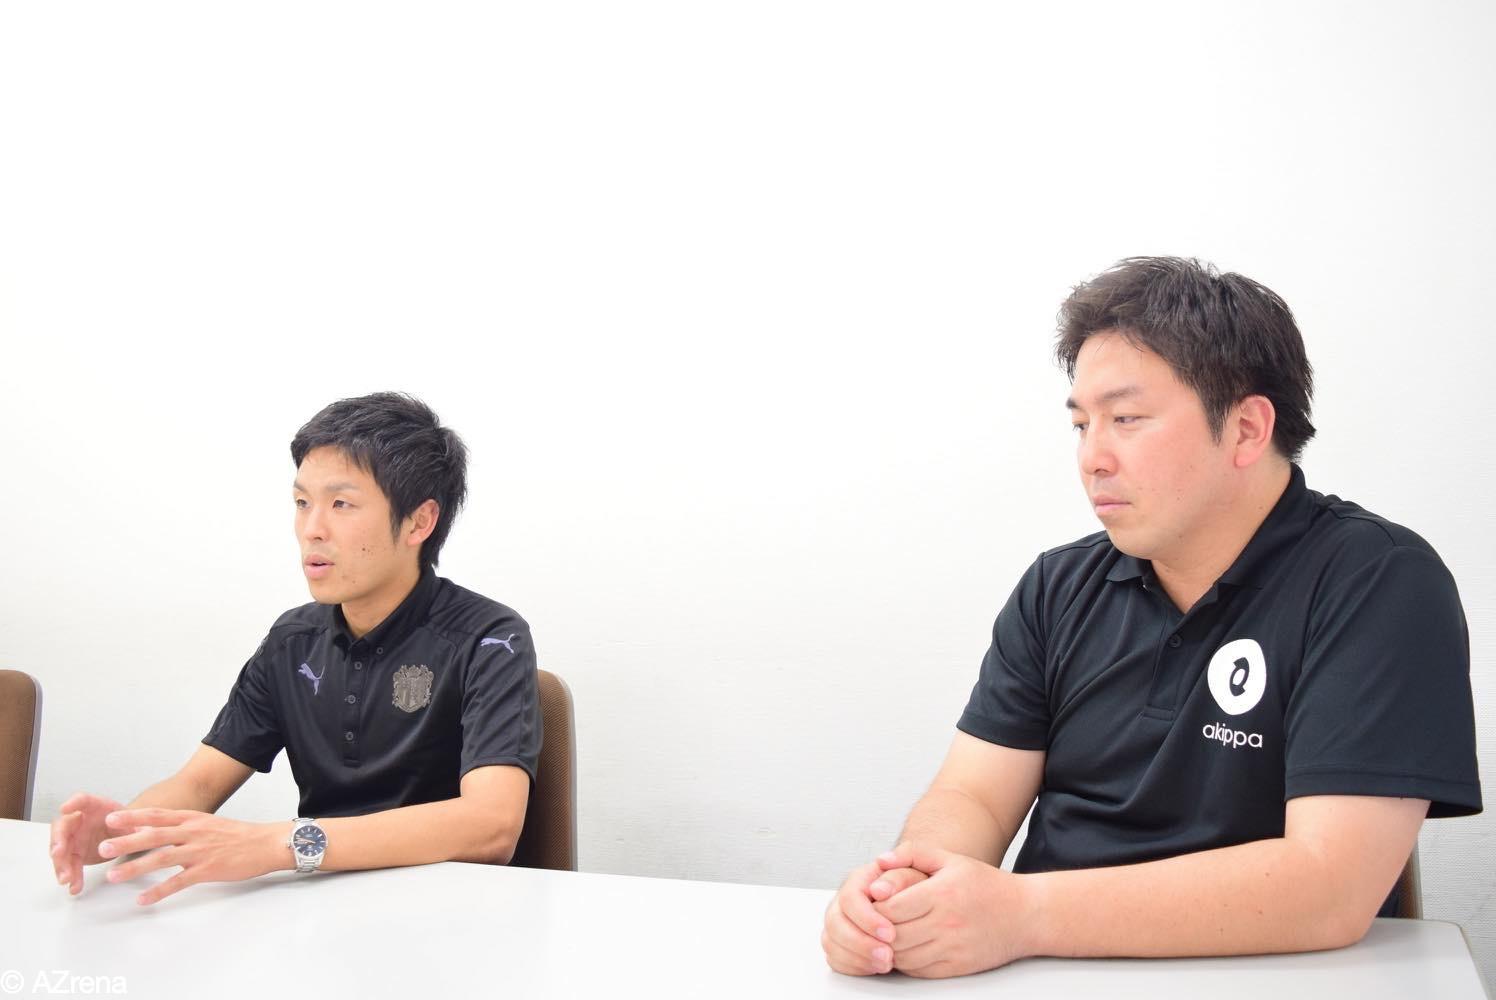 赤堀翔平氏、金谷元気氏